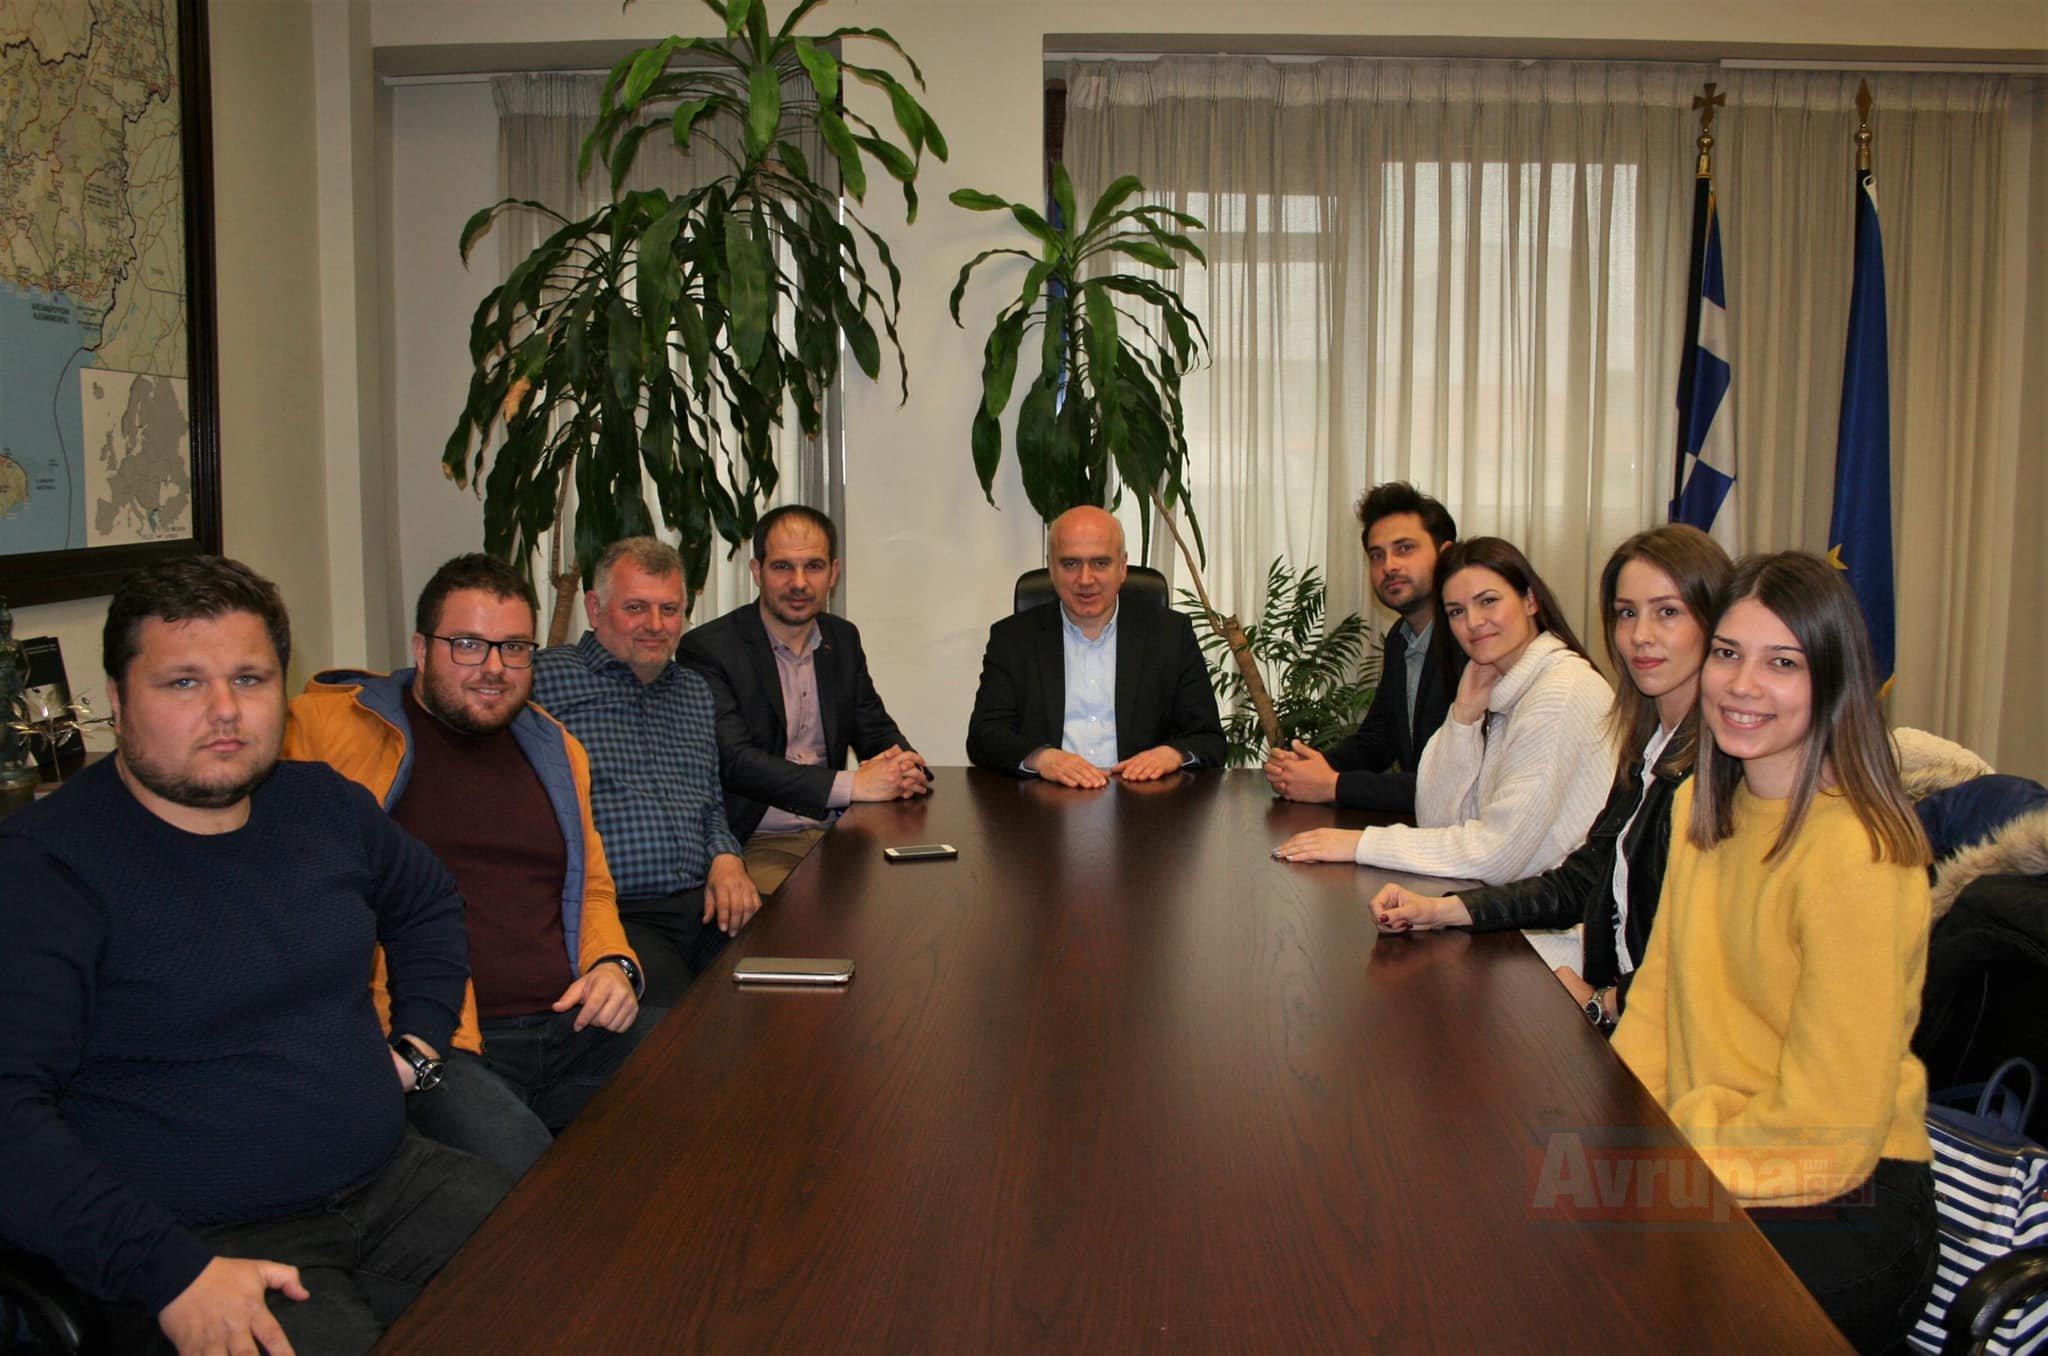 DMT Eyaleti Başkanı Metios Azınlık Kültür Derneği'nin yönetim kurulunu kabul etti